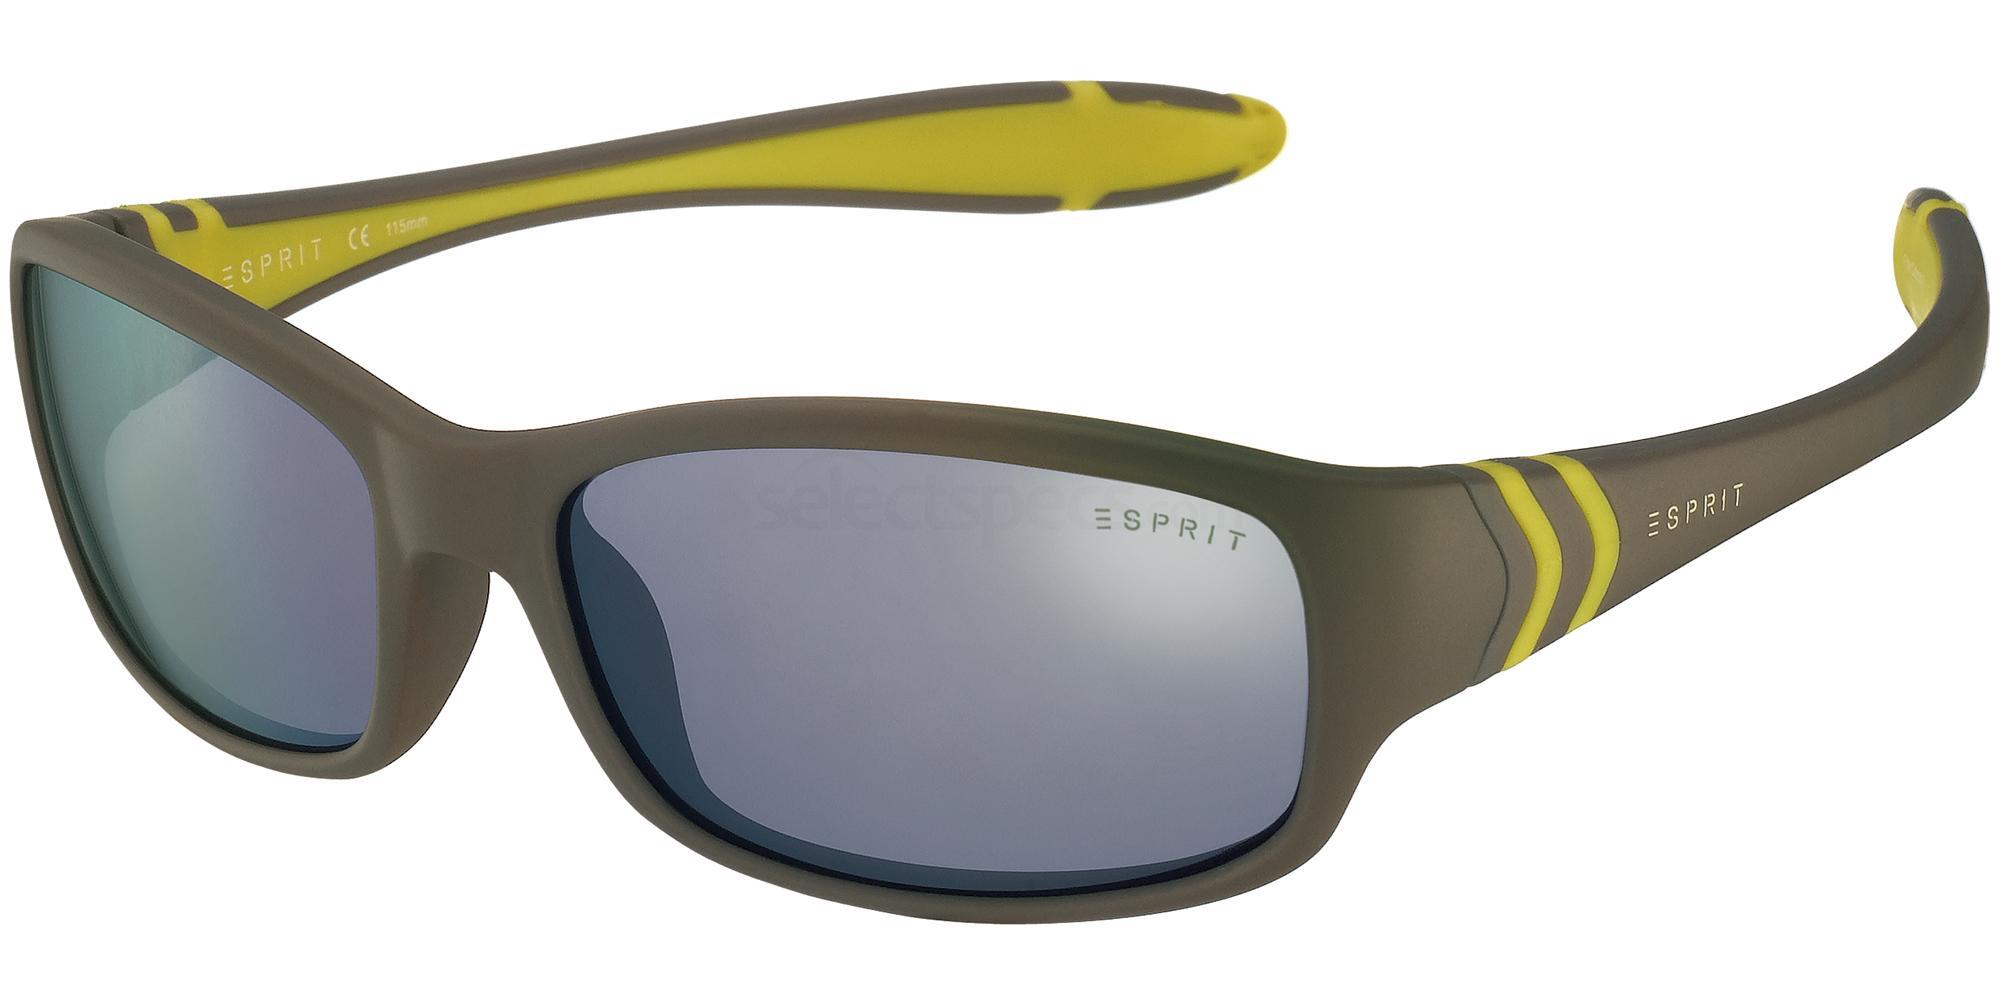 505 ET19762 Sunglasses, Esprit KIDS